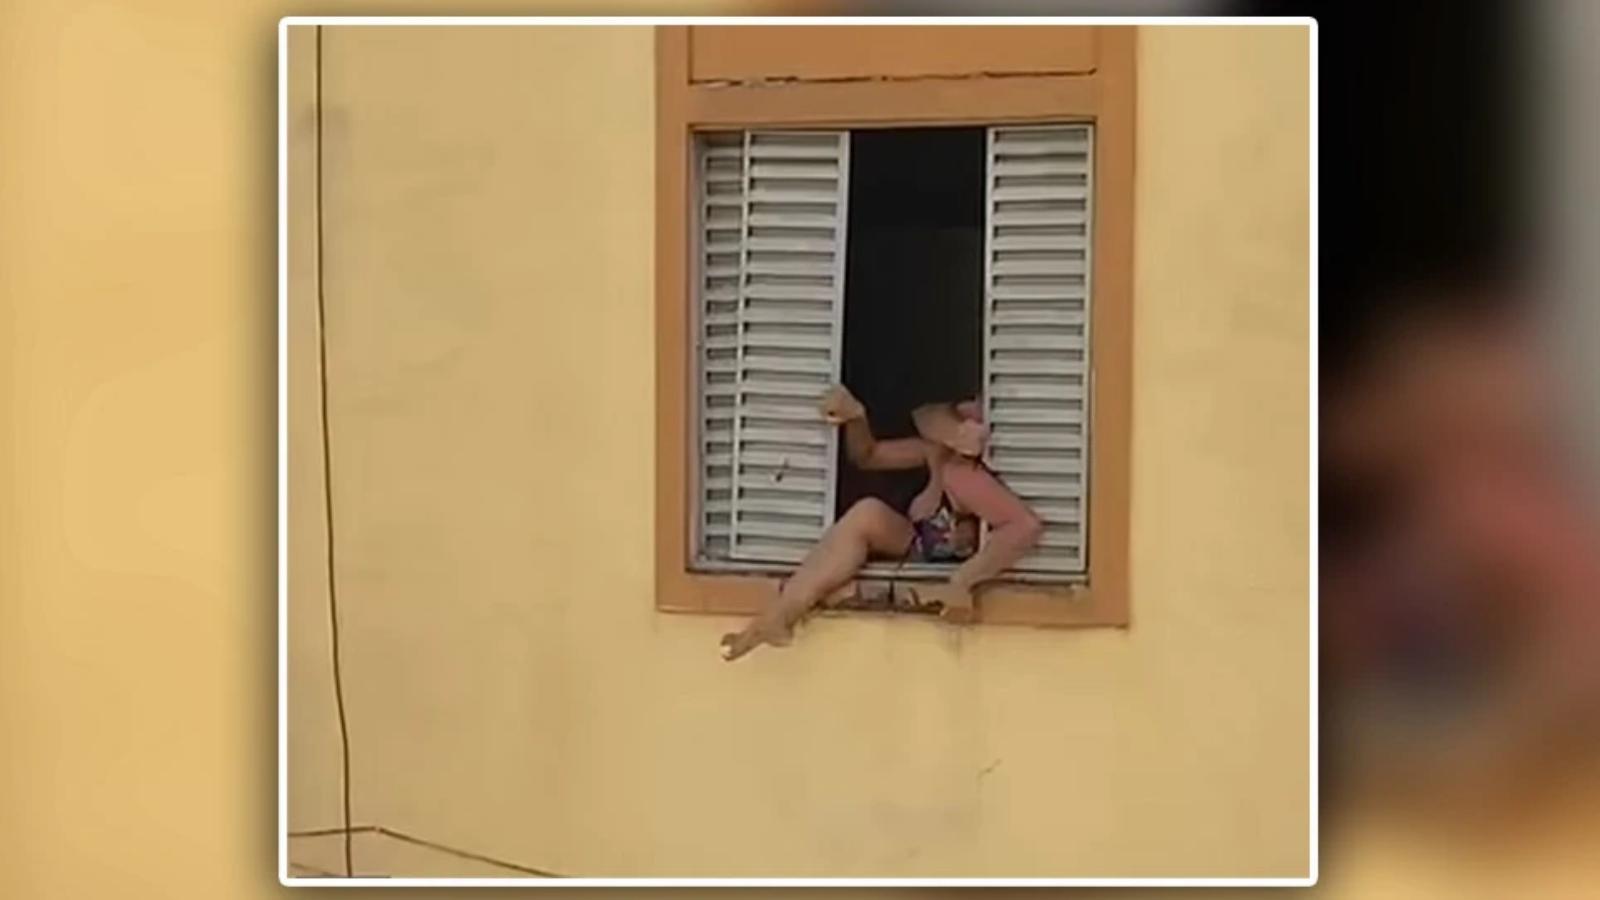 Έγκυος επιχειρεί να πηδήξει από το παράθυρο του σπιτιού της για να γλιτώσει από τον άντρα της